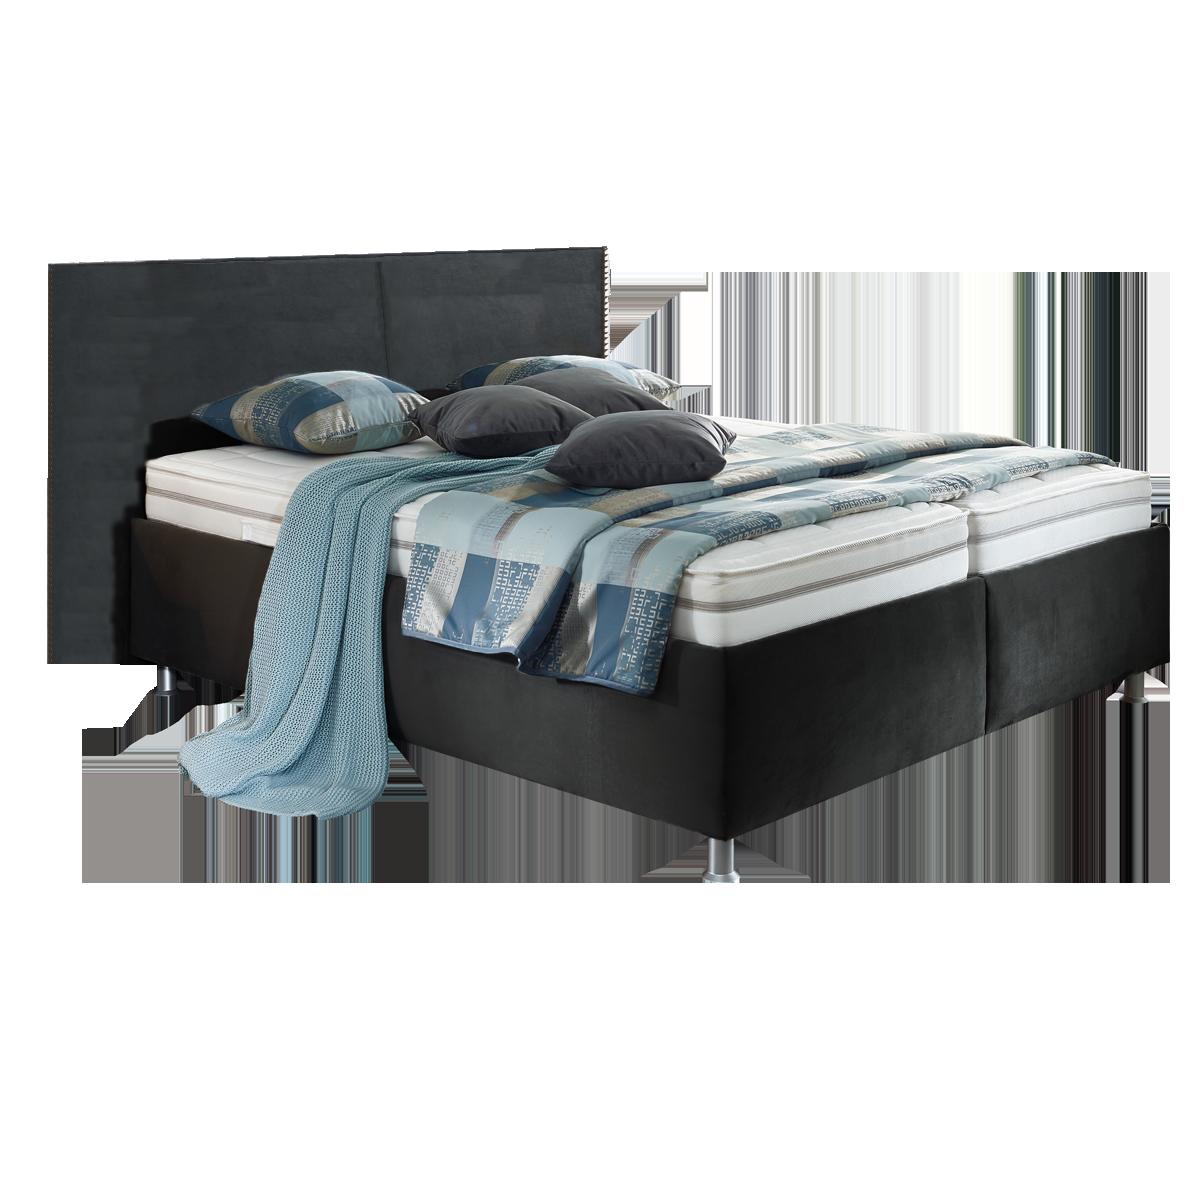 Full Size of Polsterbett 200x220 Mbel Online Shop Bett Betten Wohnzimmer Polsterbett 200x220